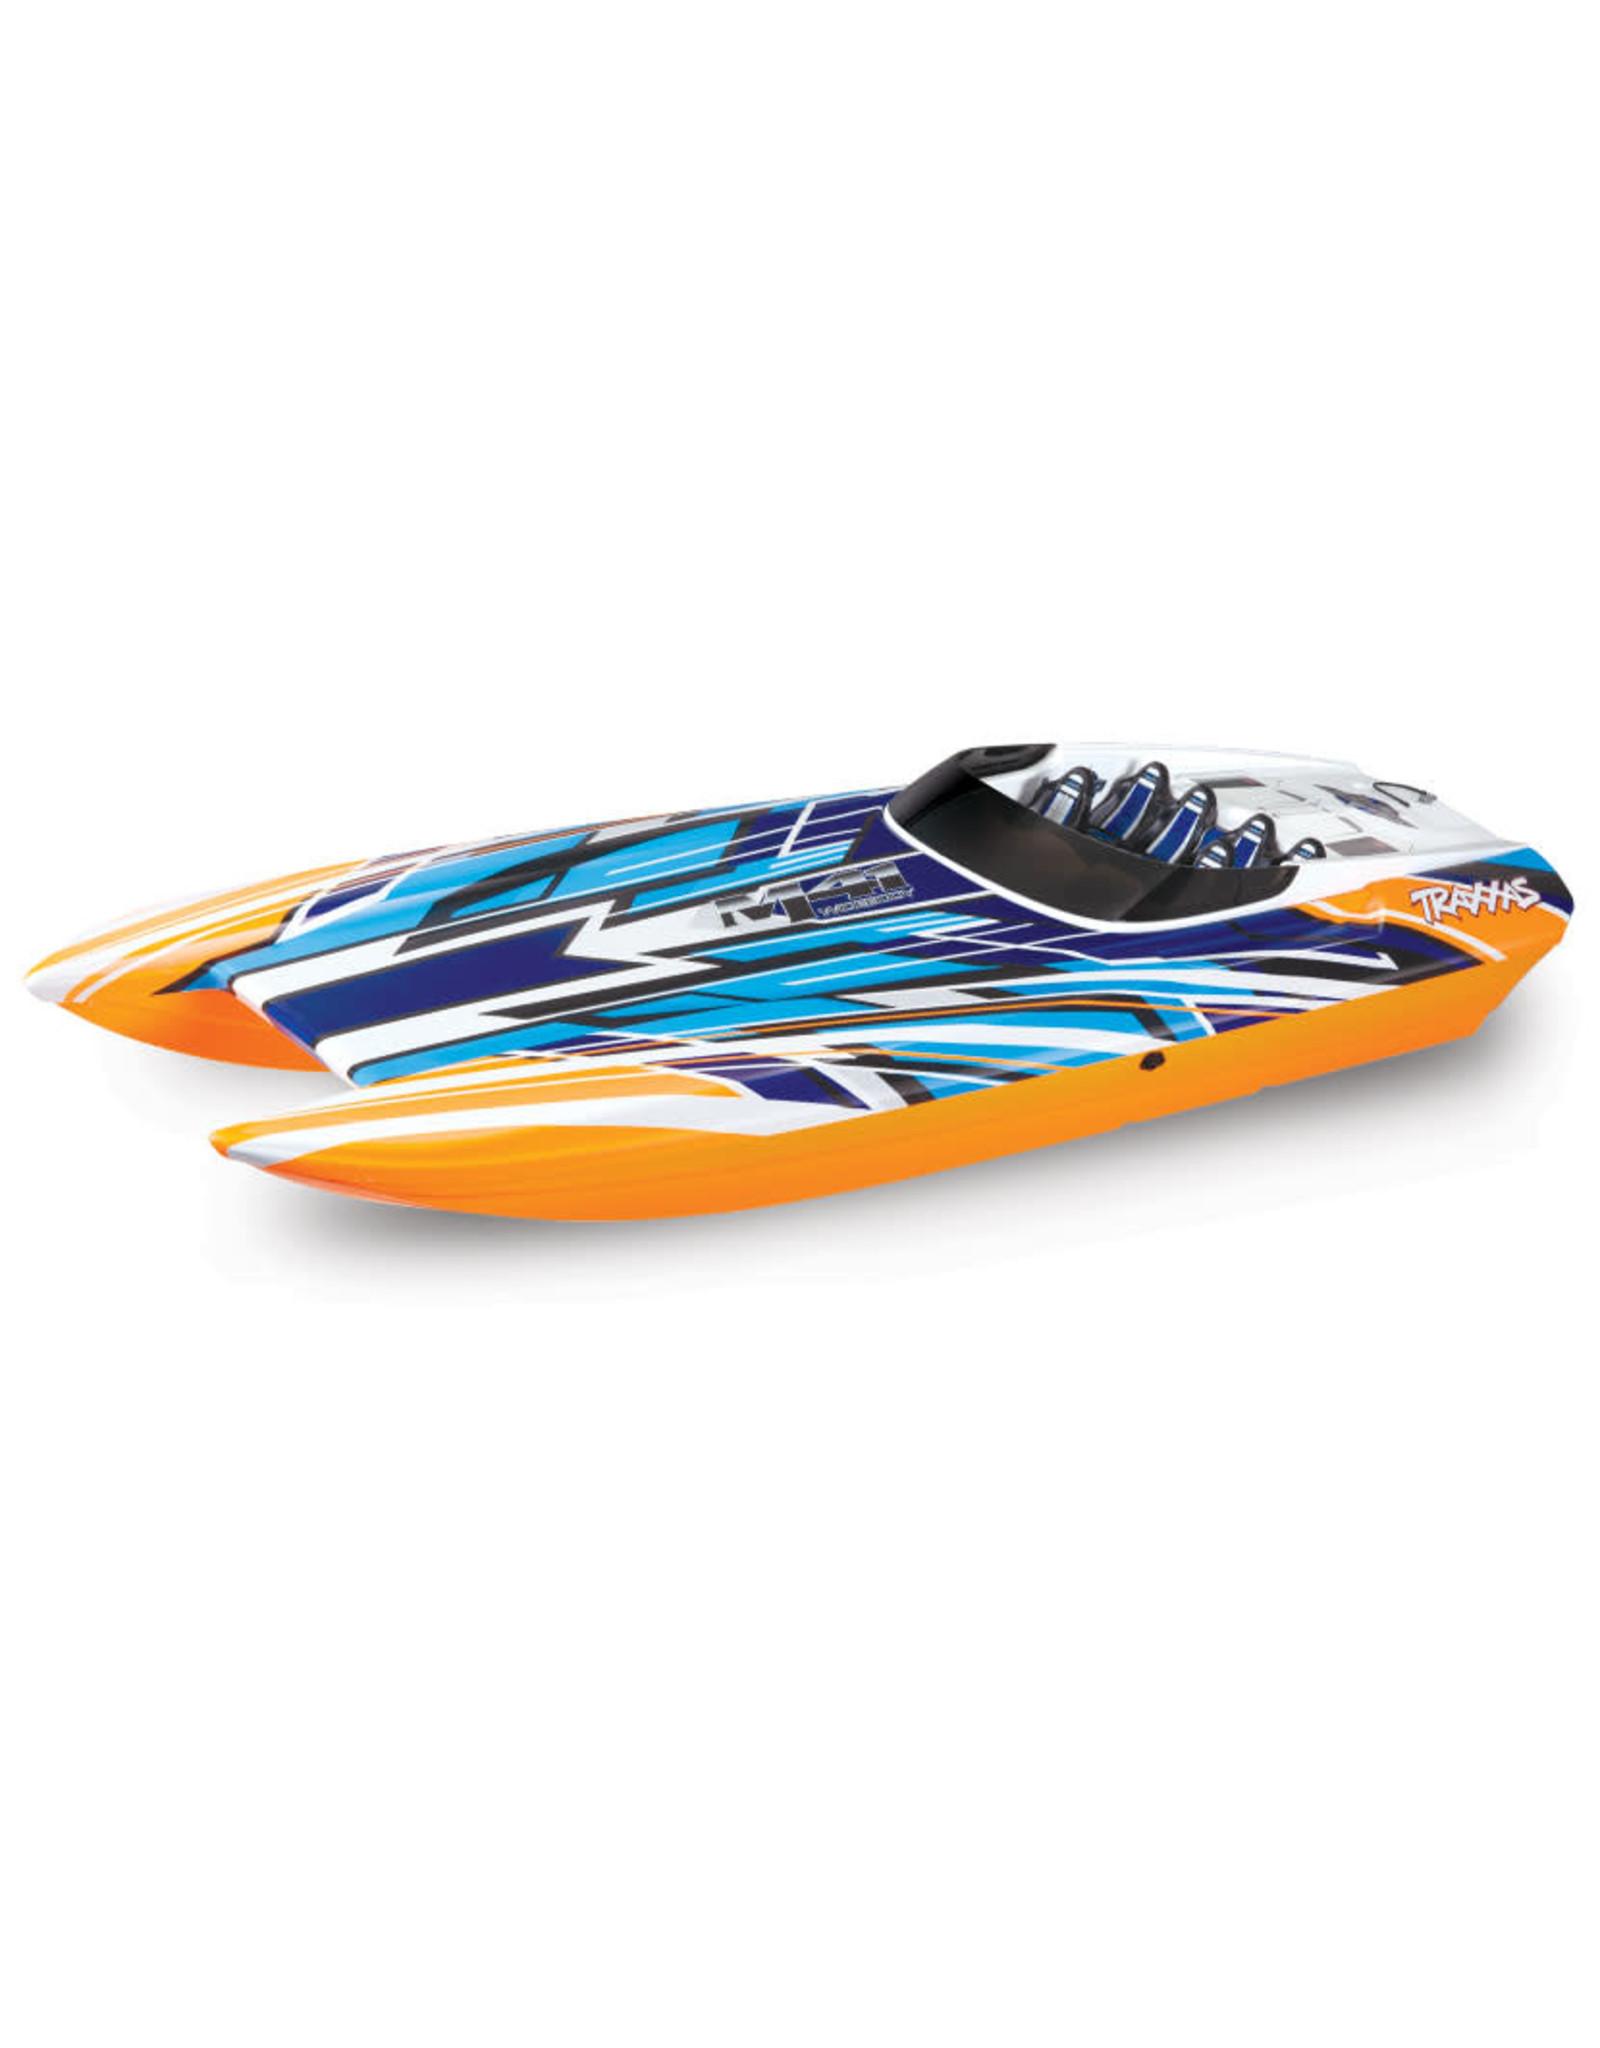 Traxxas DCB m41 Orange/blue 57046-4